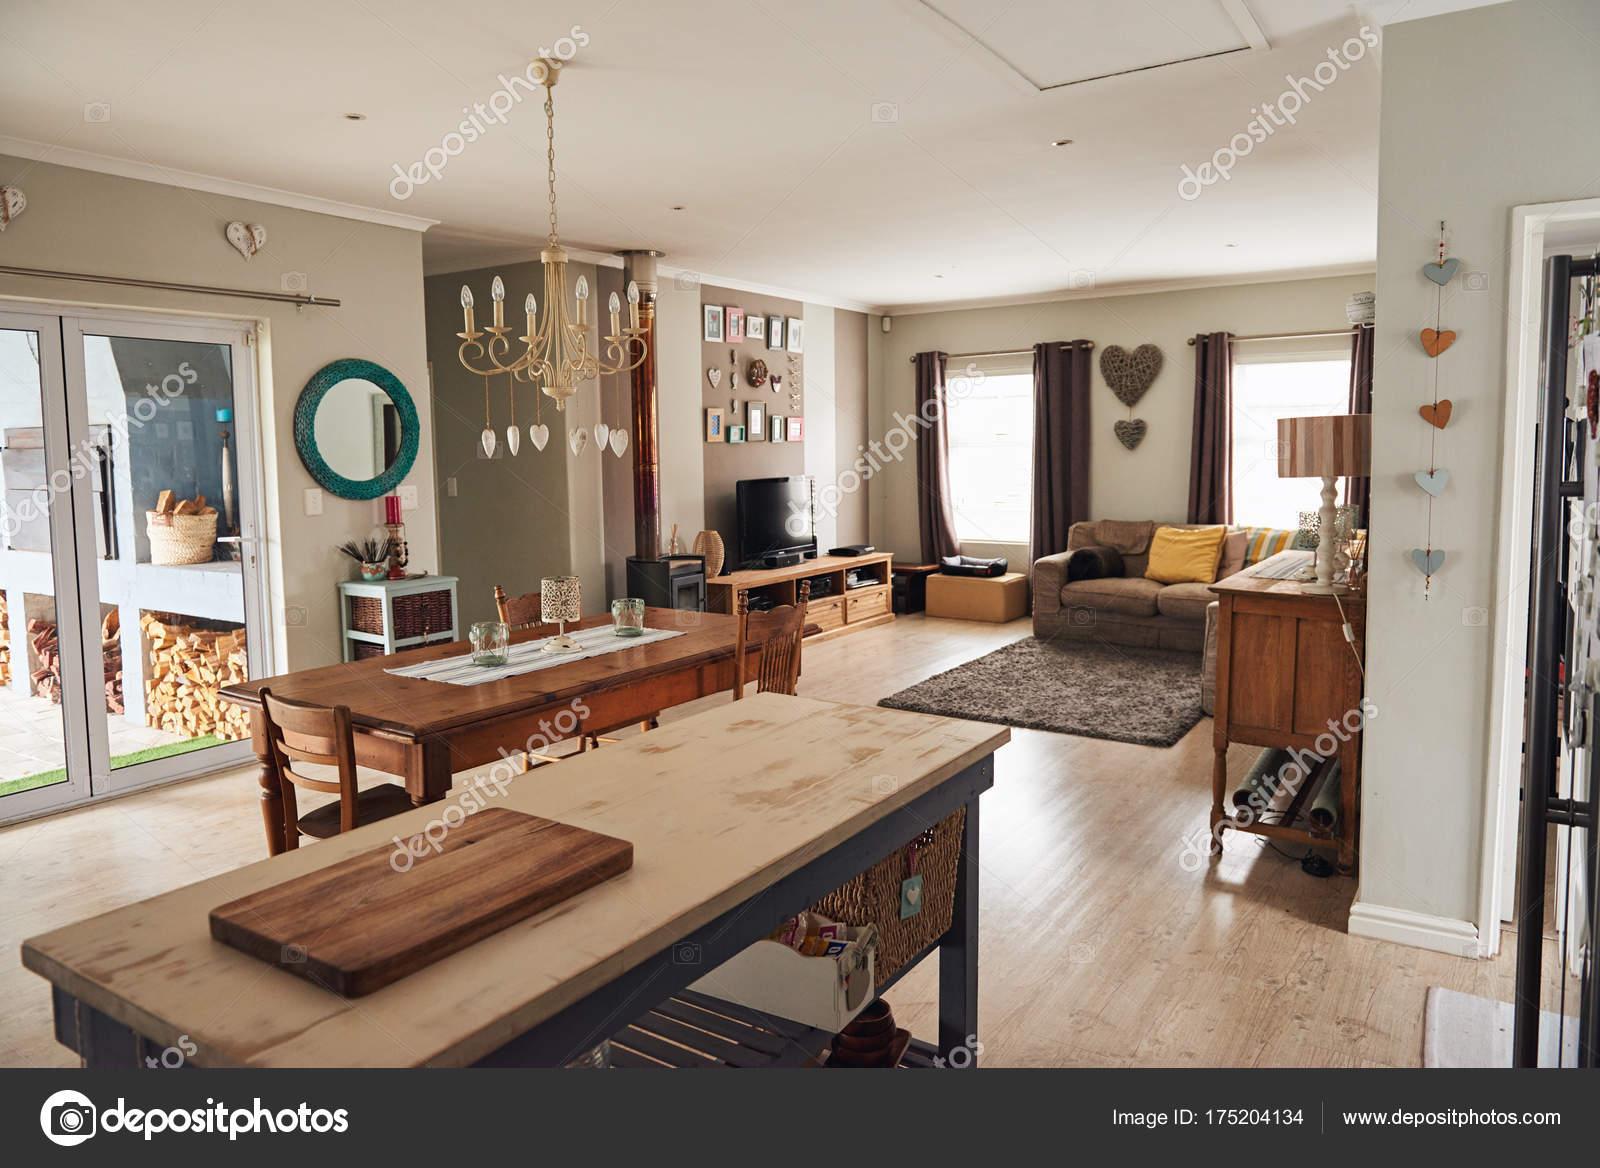 Fotos sala y comedor juntos casa residencial for Casa con cocina y comedor juntos